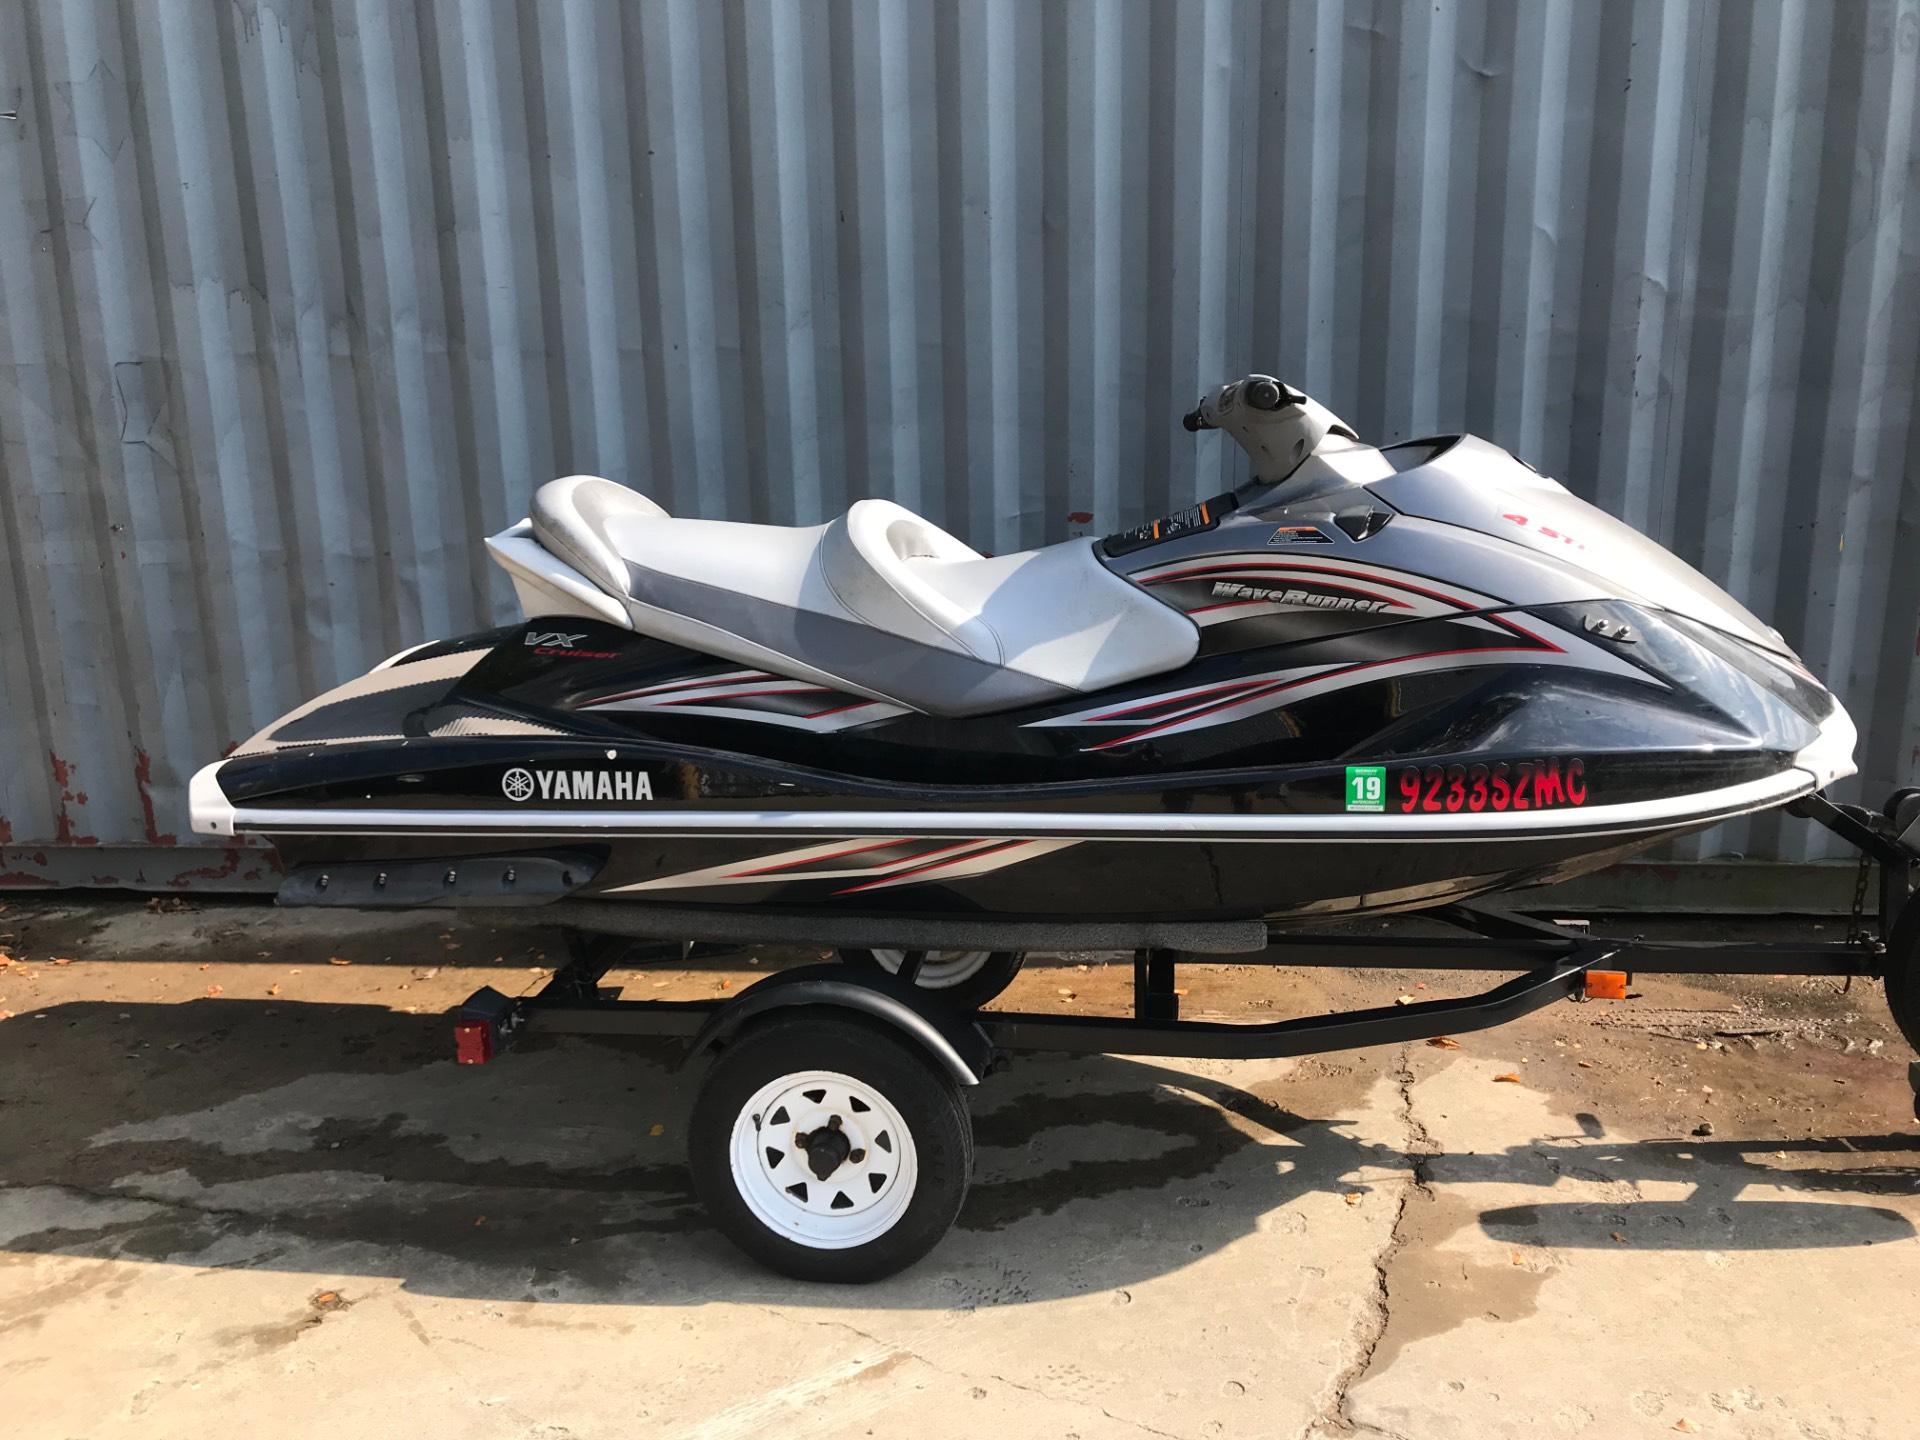 2007 Yamaha VX Cruiser for sale 249372